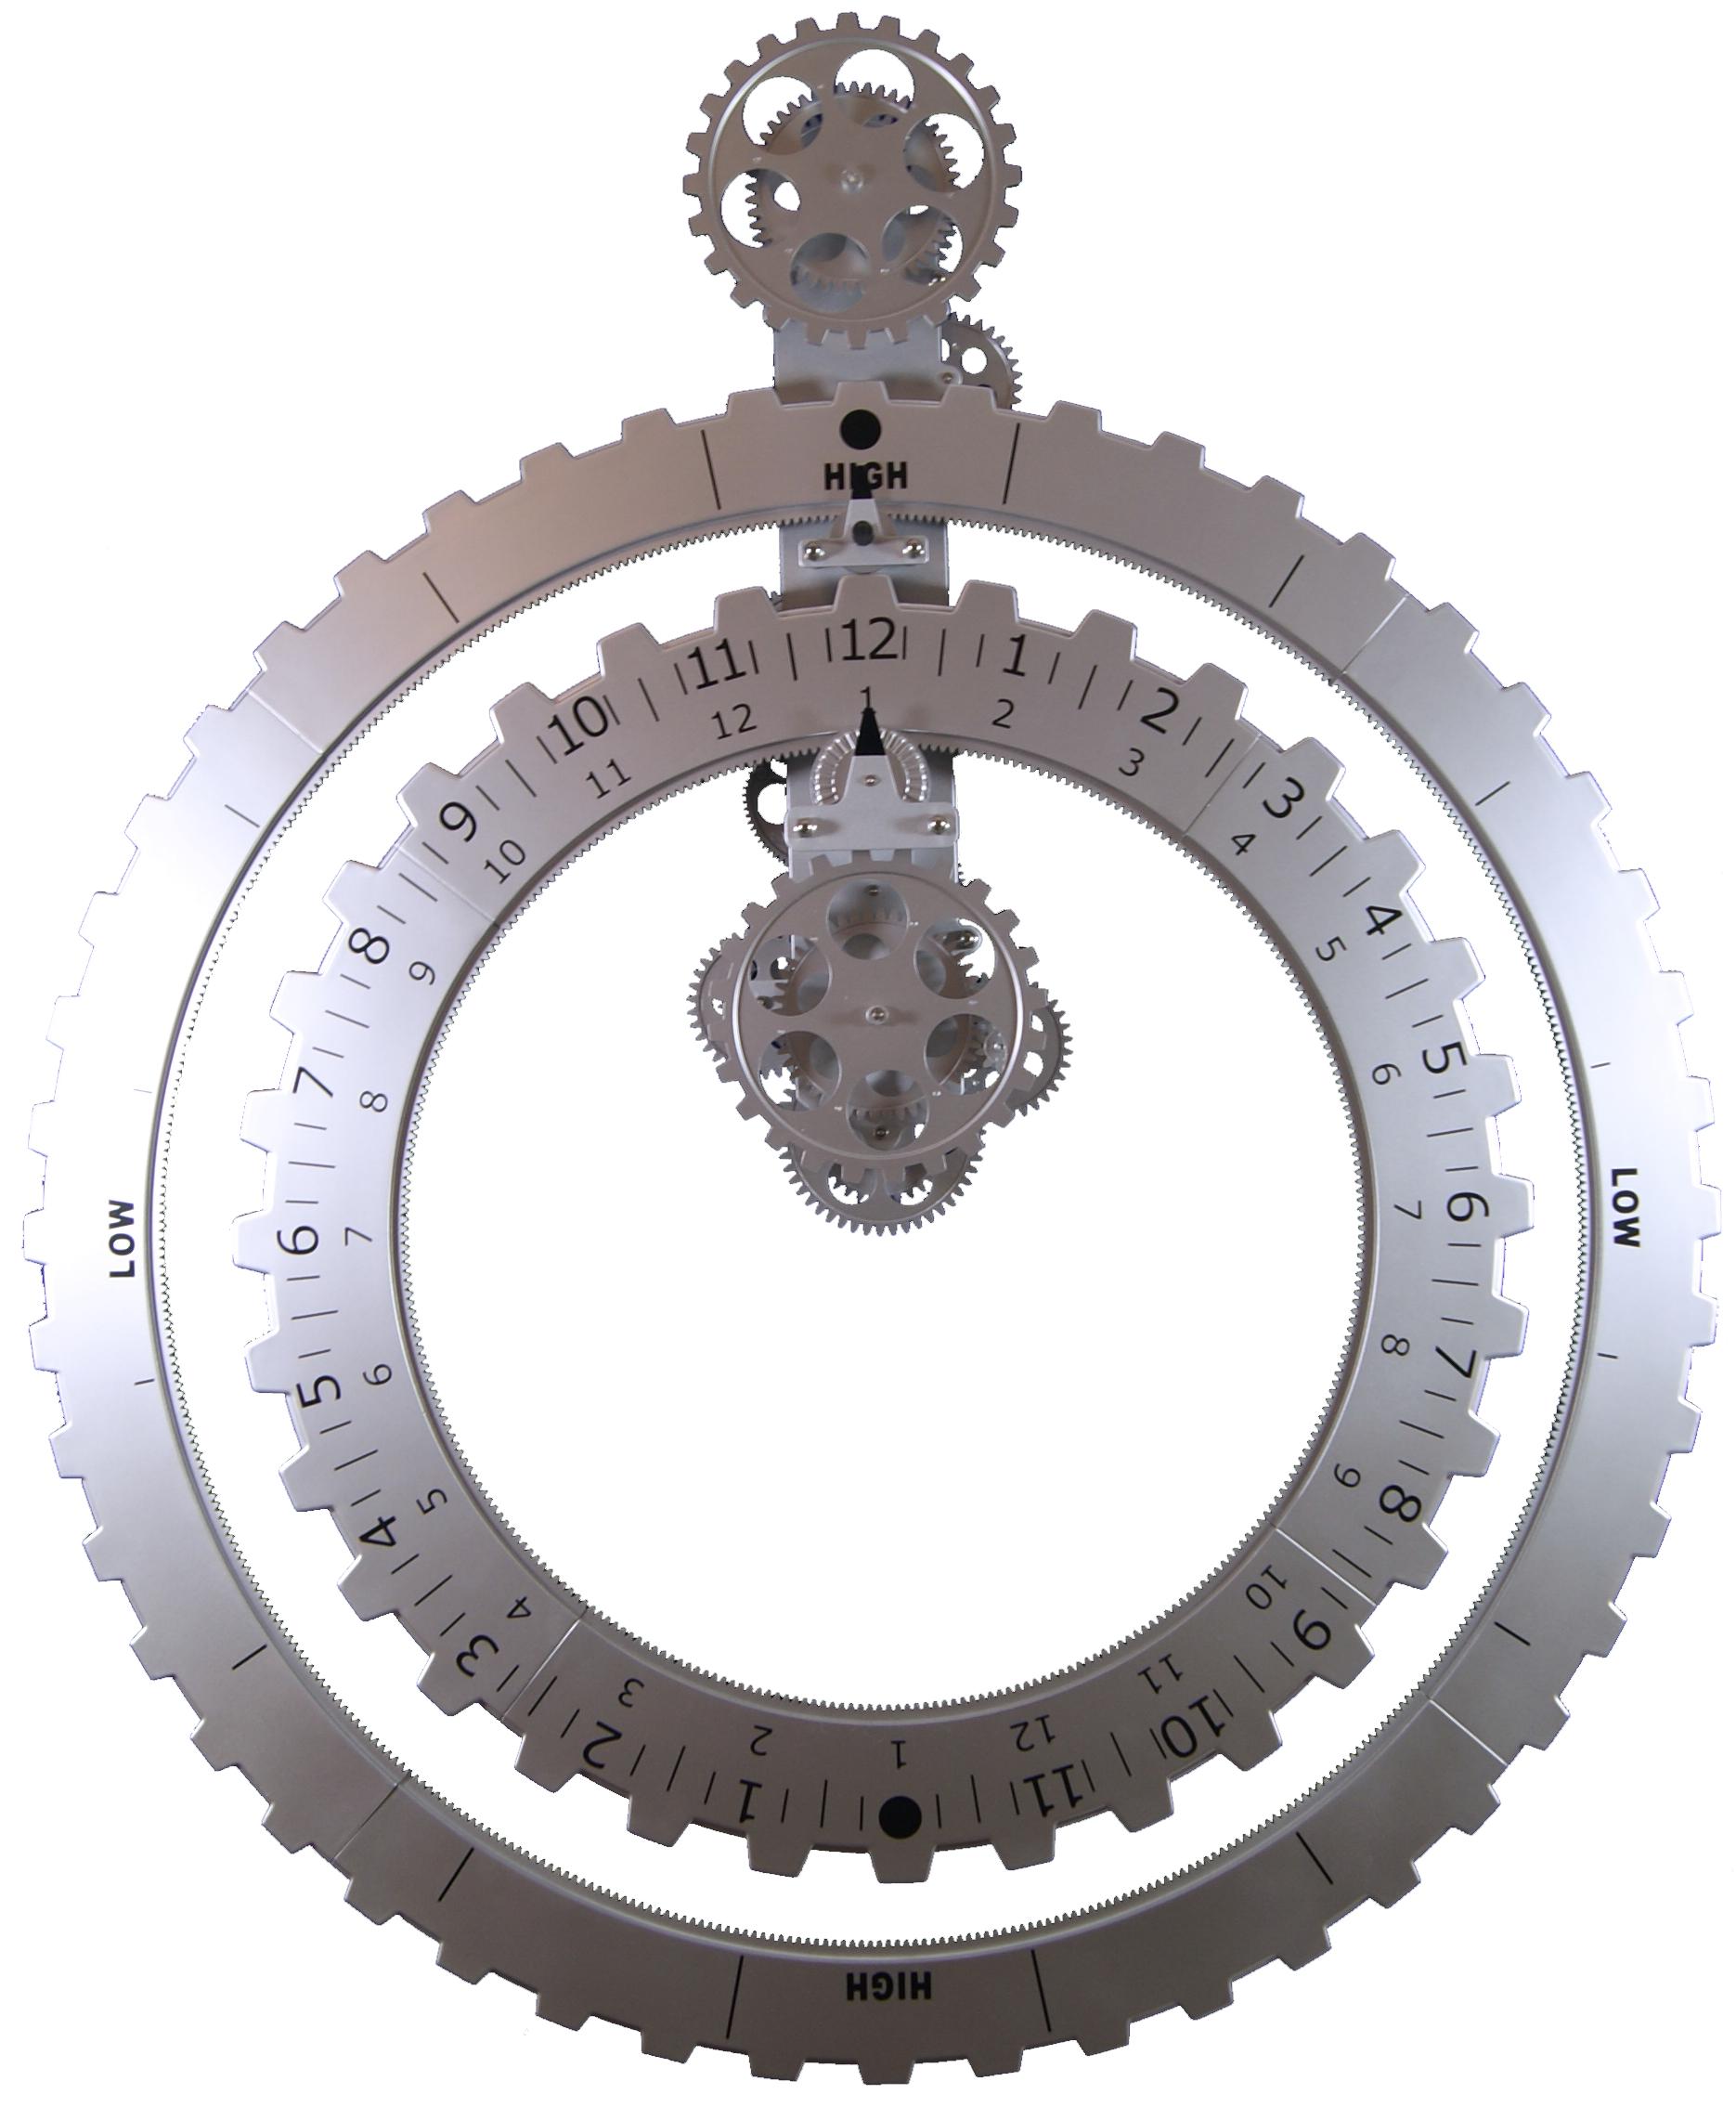 Wanduhr zahnrad truth timepiece zahnradwanduhren - Ausgefallene wanduhren ...